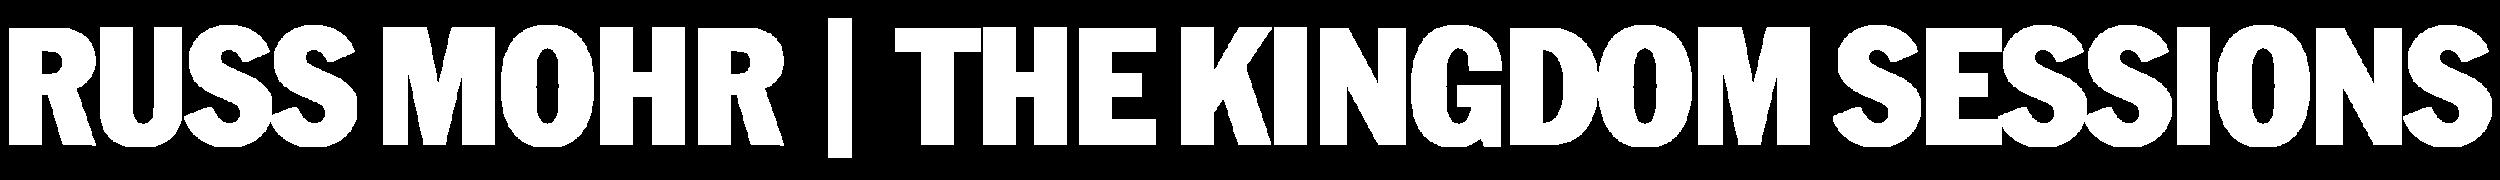 KS WEB BANNER.png